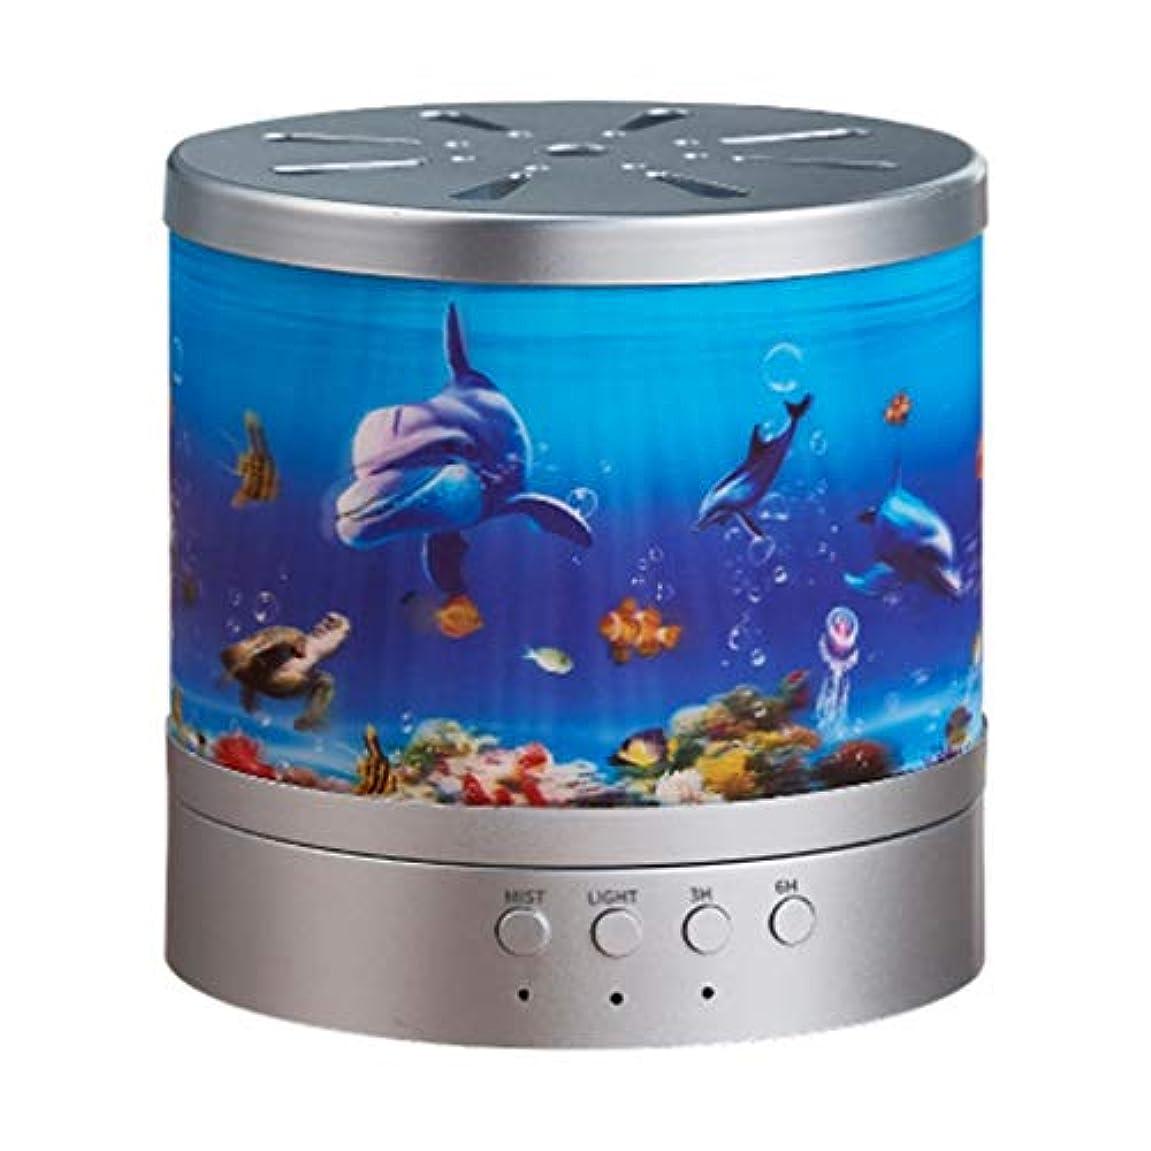 精油のための海洋の主題の拡散器超音波涼しい霧の加湿器、水なしの自動シャットオフおよび7つの色LEDライトは内務省のために変わります (Color : Silver)